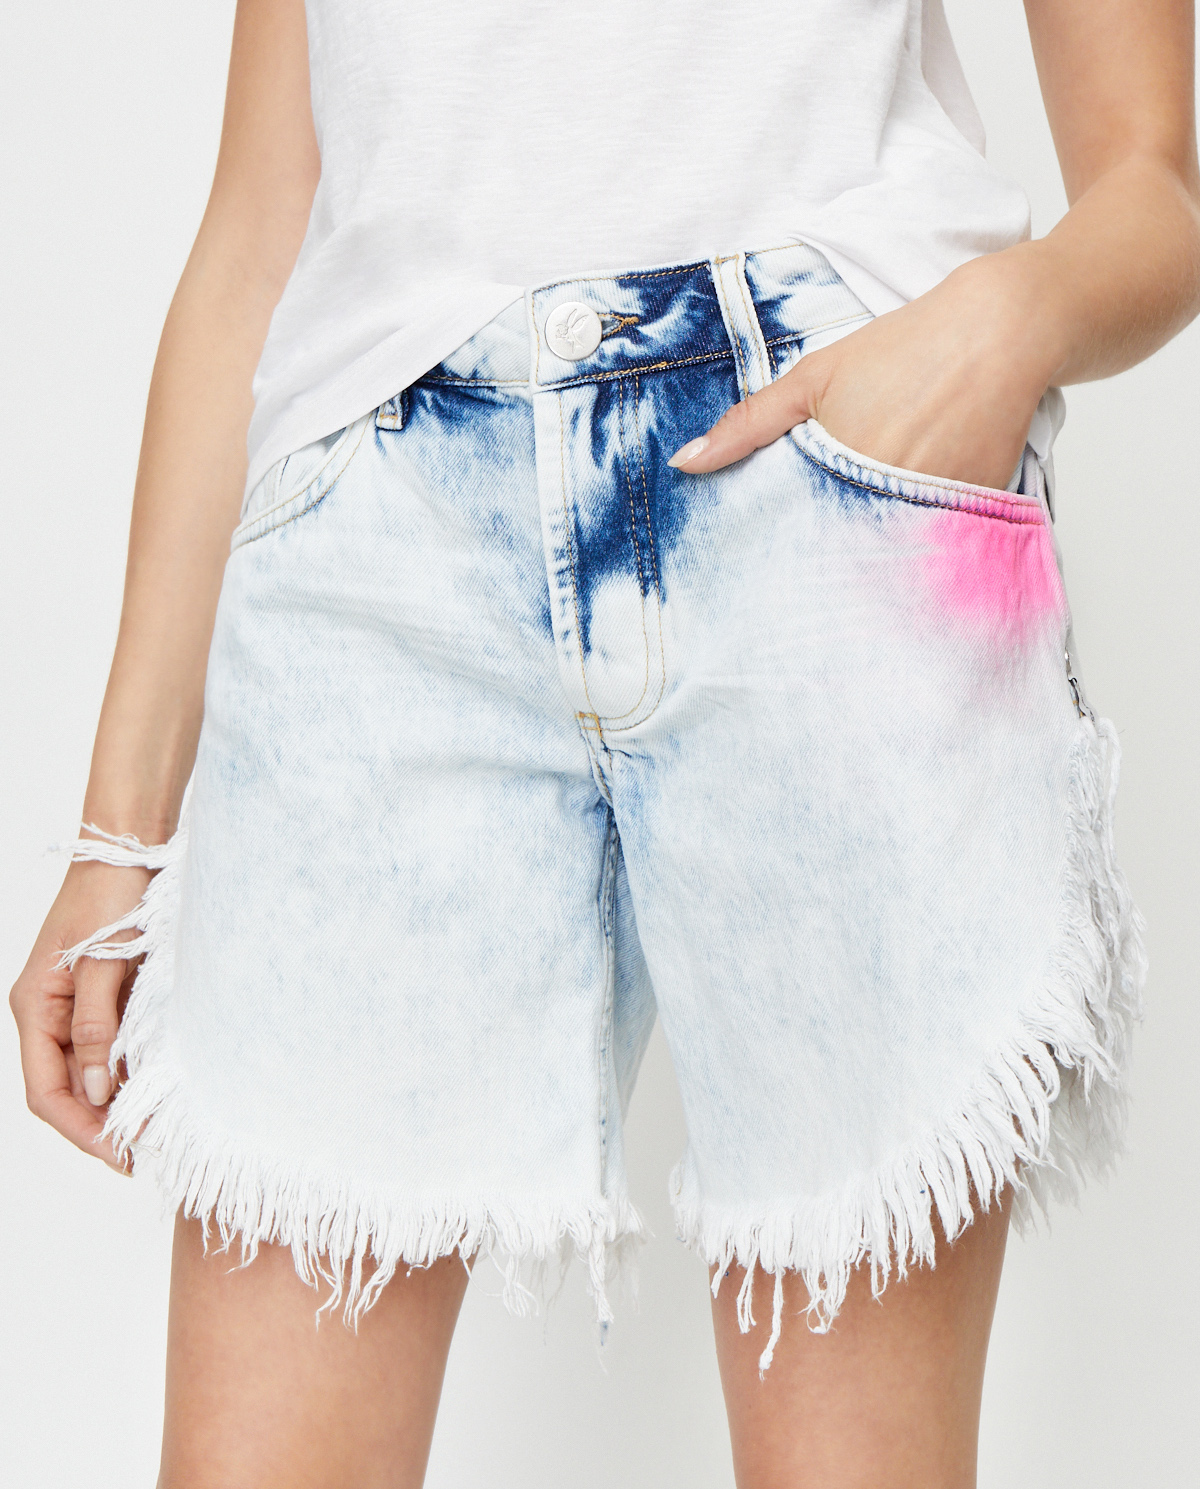 Damskie niebieskie szorty z frędzlami Frankies oneteaspoon 23363 CLASSIC